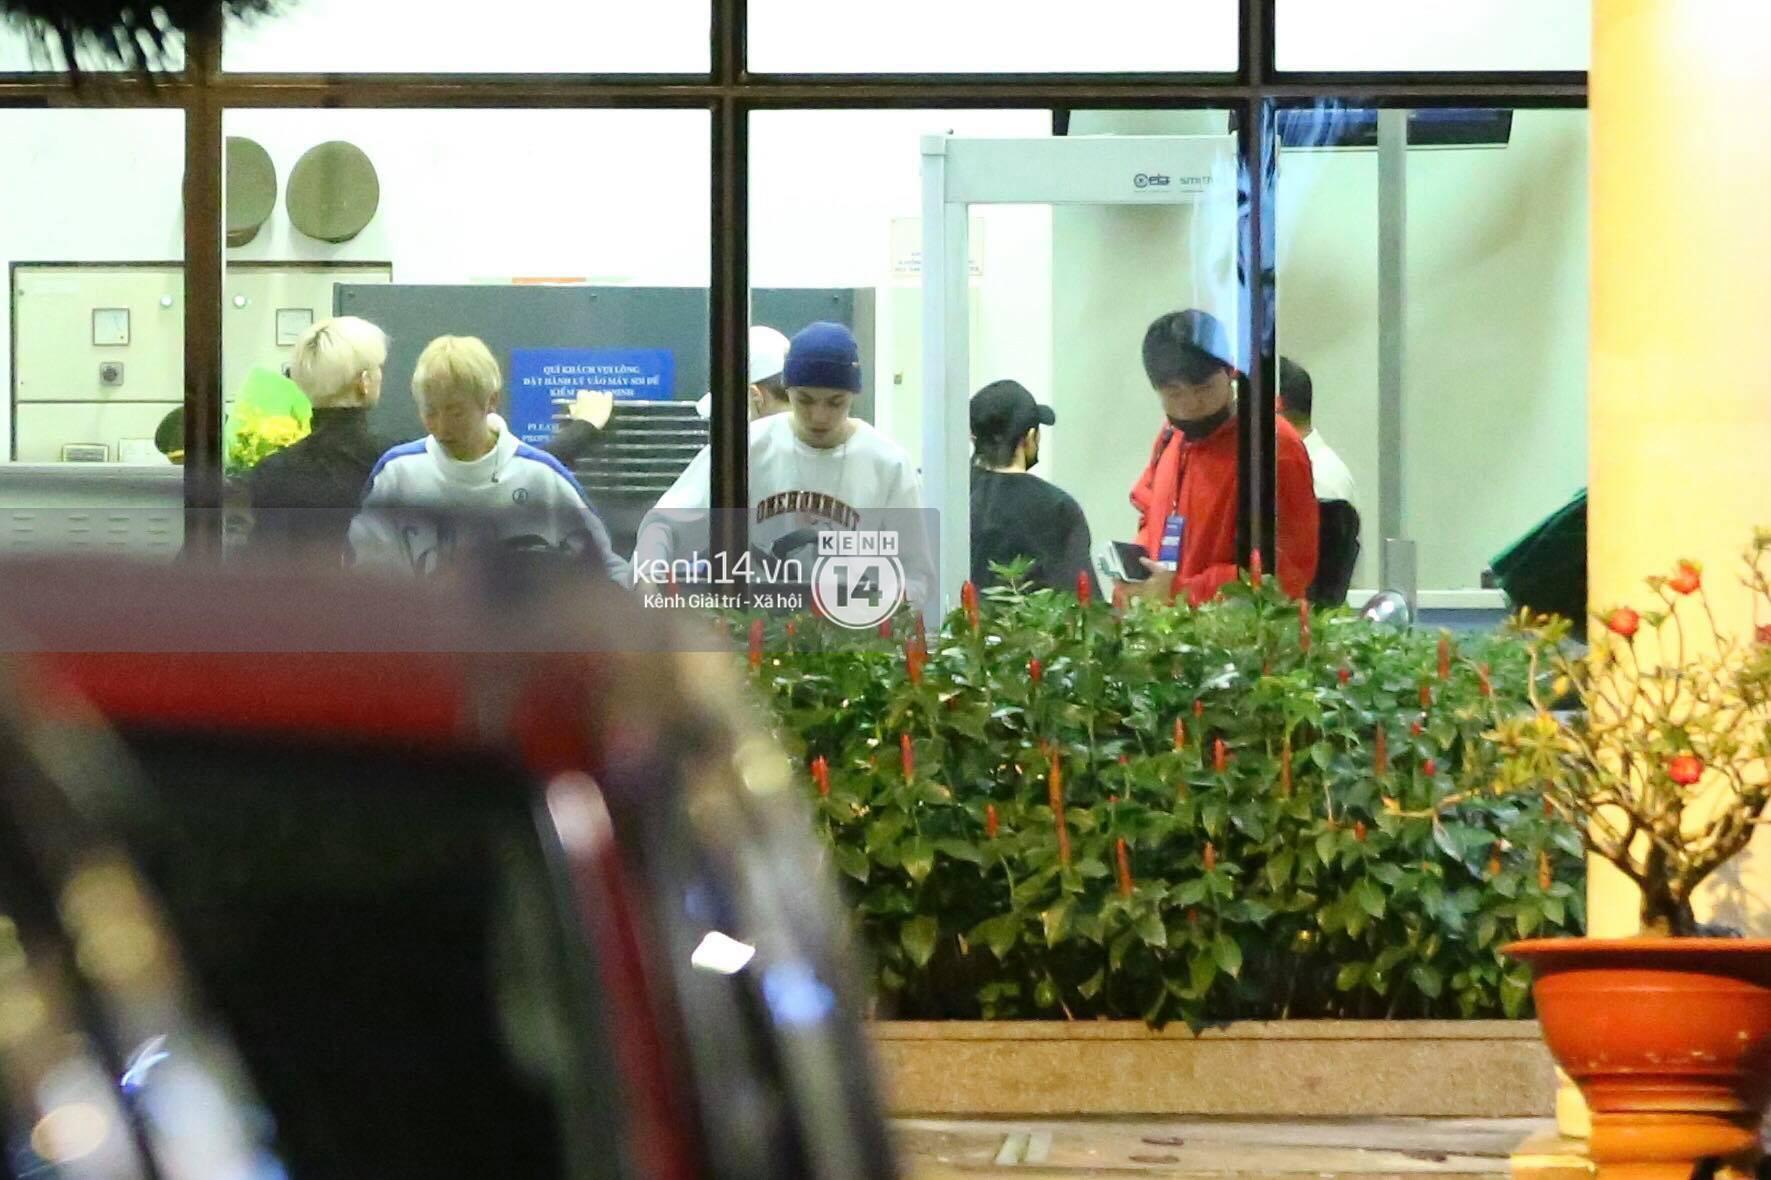 Hình ảnh đối lập: Kết thúc MAMA, Samuel khí thế vẫy tay chào fan Việt, Wanna One ngủ say mặc kệ người hâm mộ - Ảnh 16.